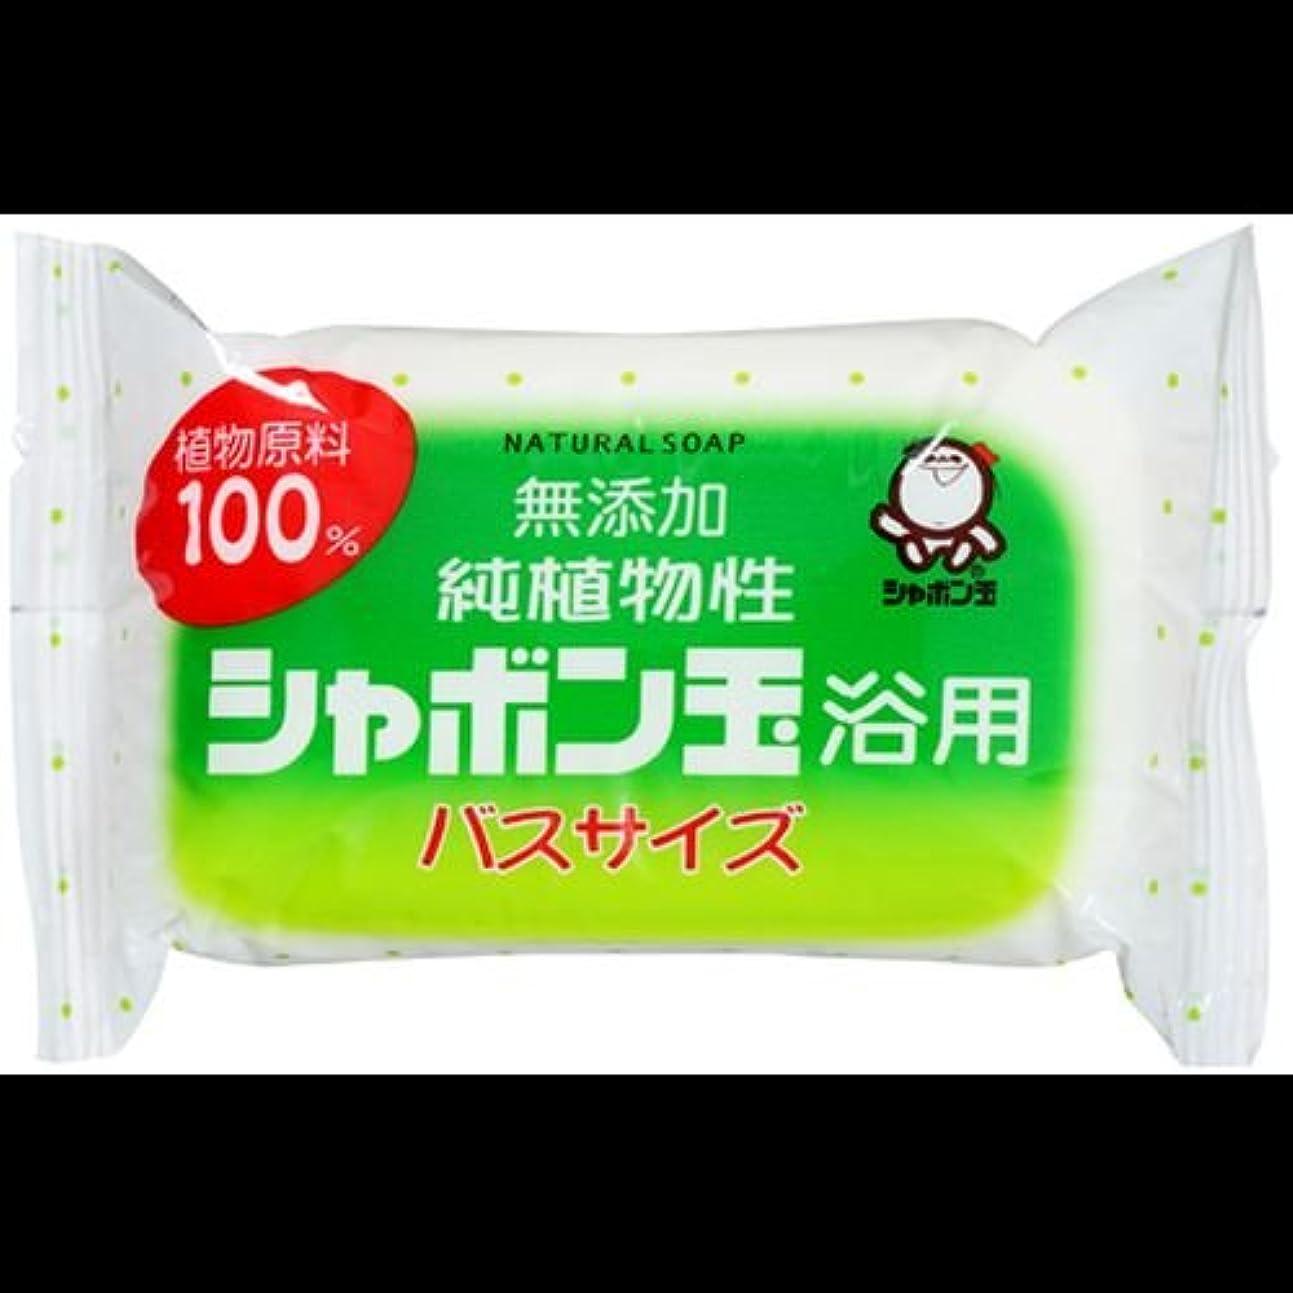 自明アッパー祝福する【まとめ買い】純植物性シャボン玉 浴用 バスサイズ155g ×2セット